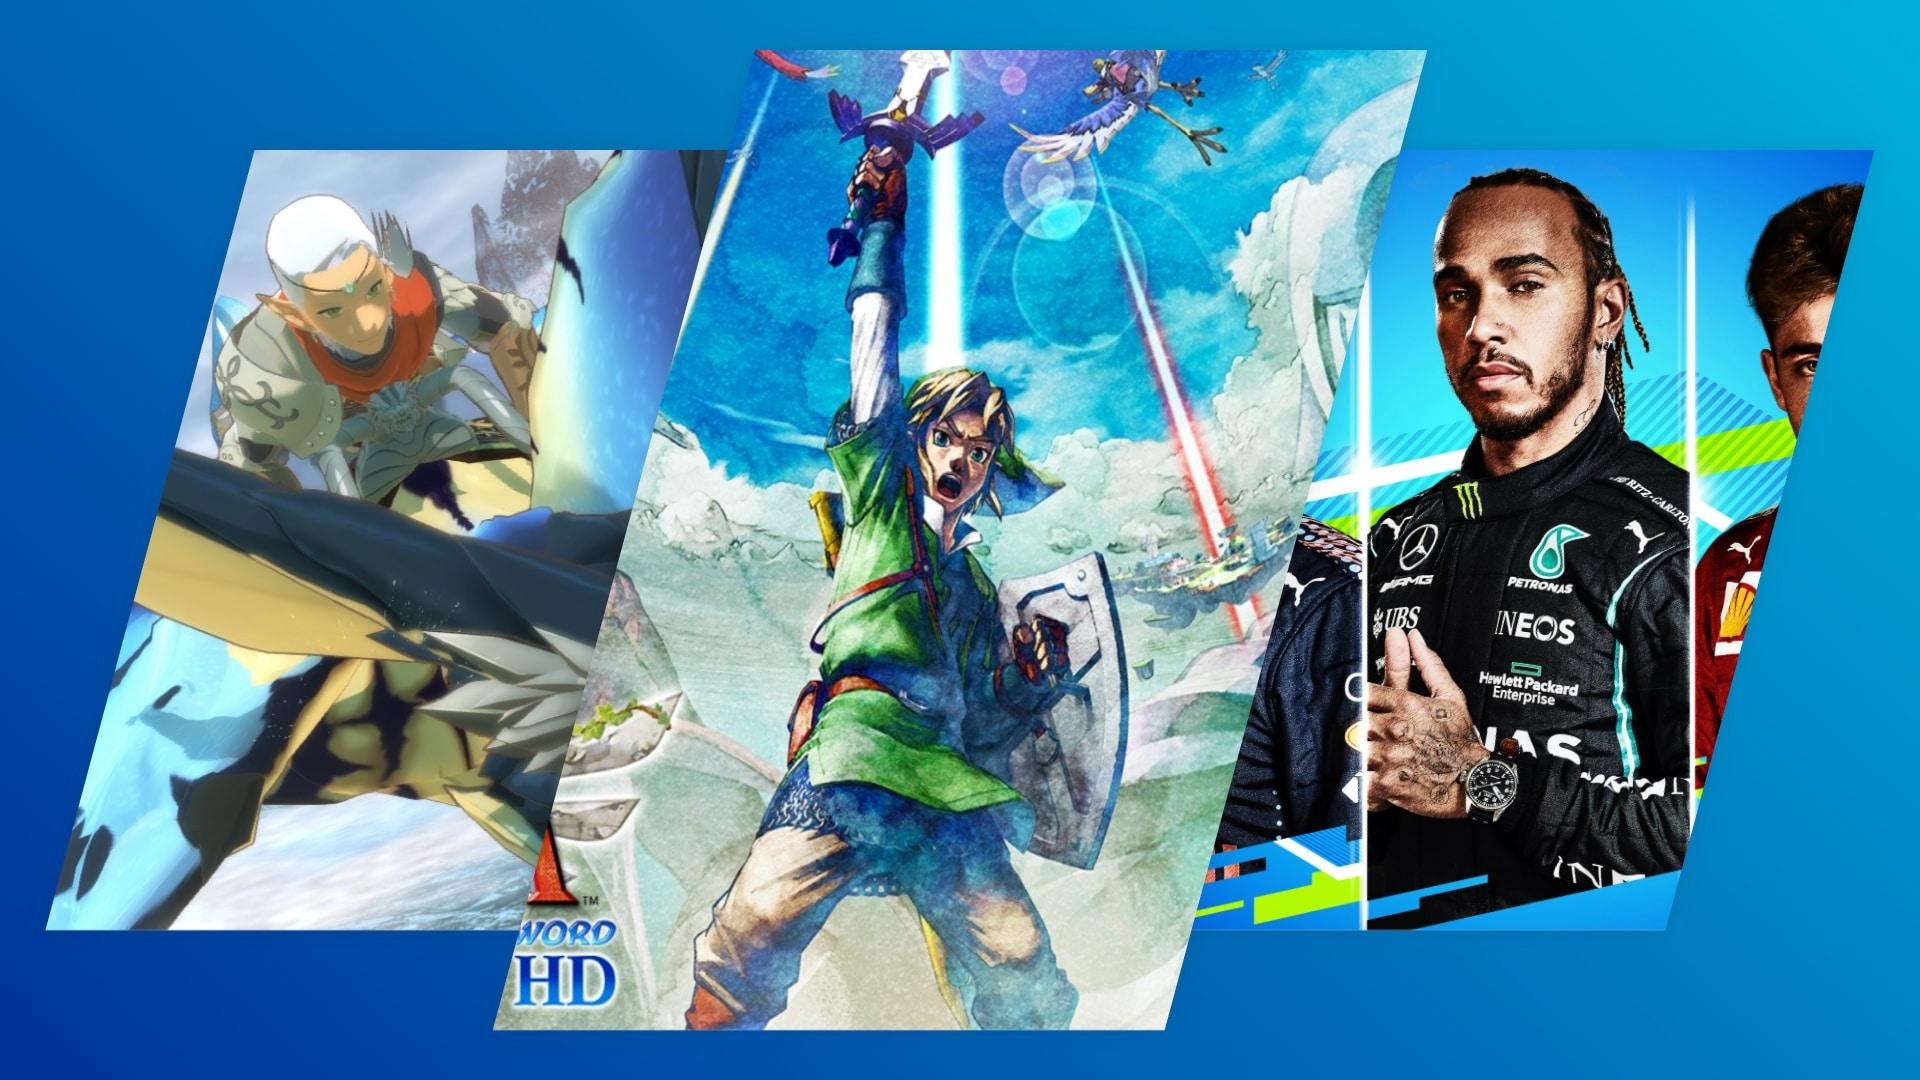 Uitgelichte afbeelding voor releaselijst artikel met Monster Hunter Stories 2, Skyward Sword HD en F1 2021